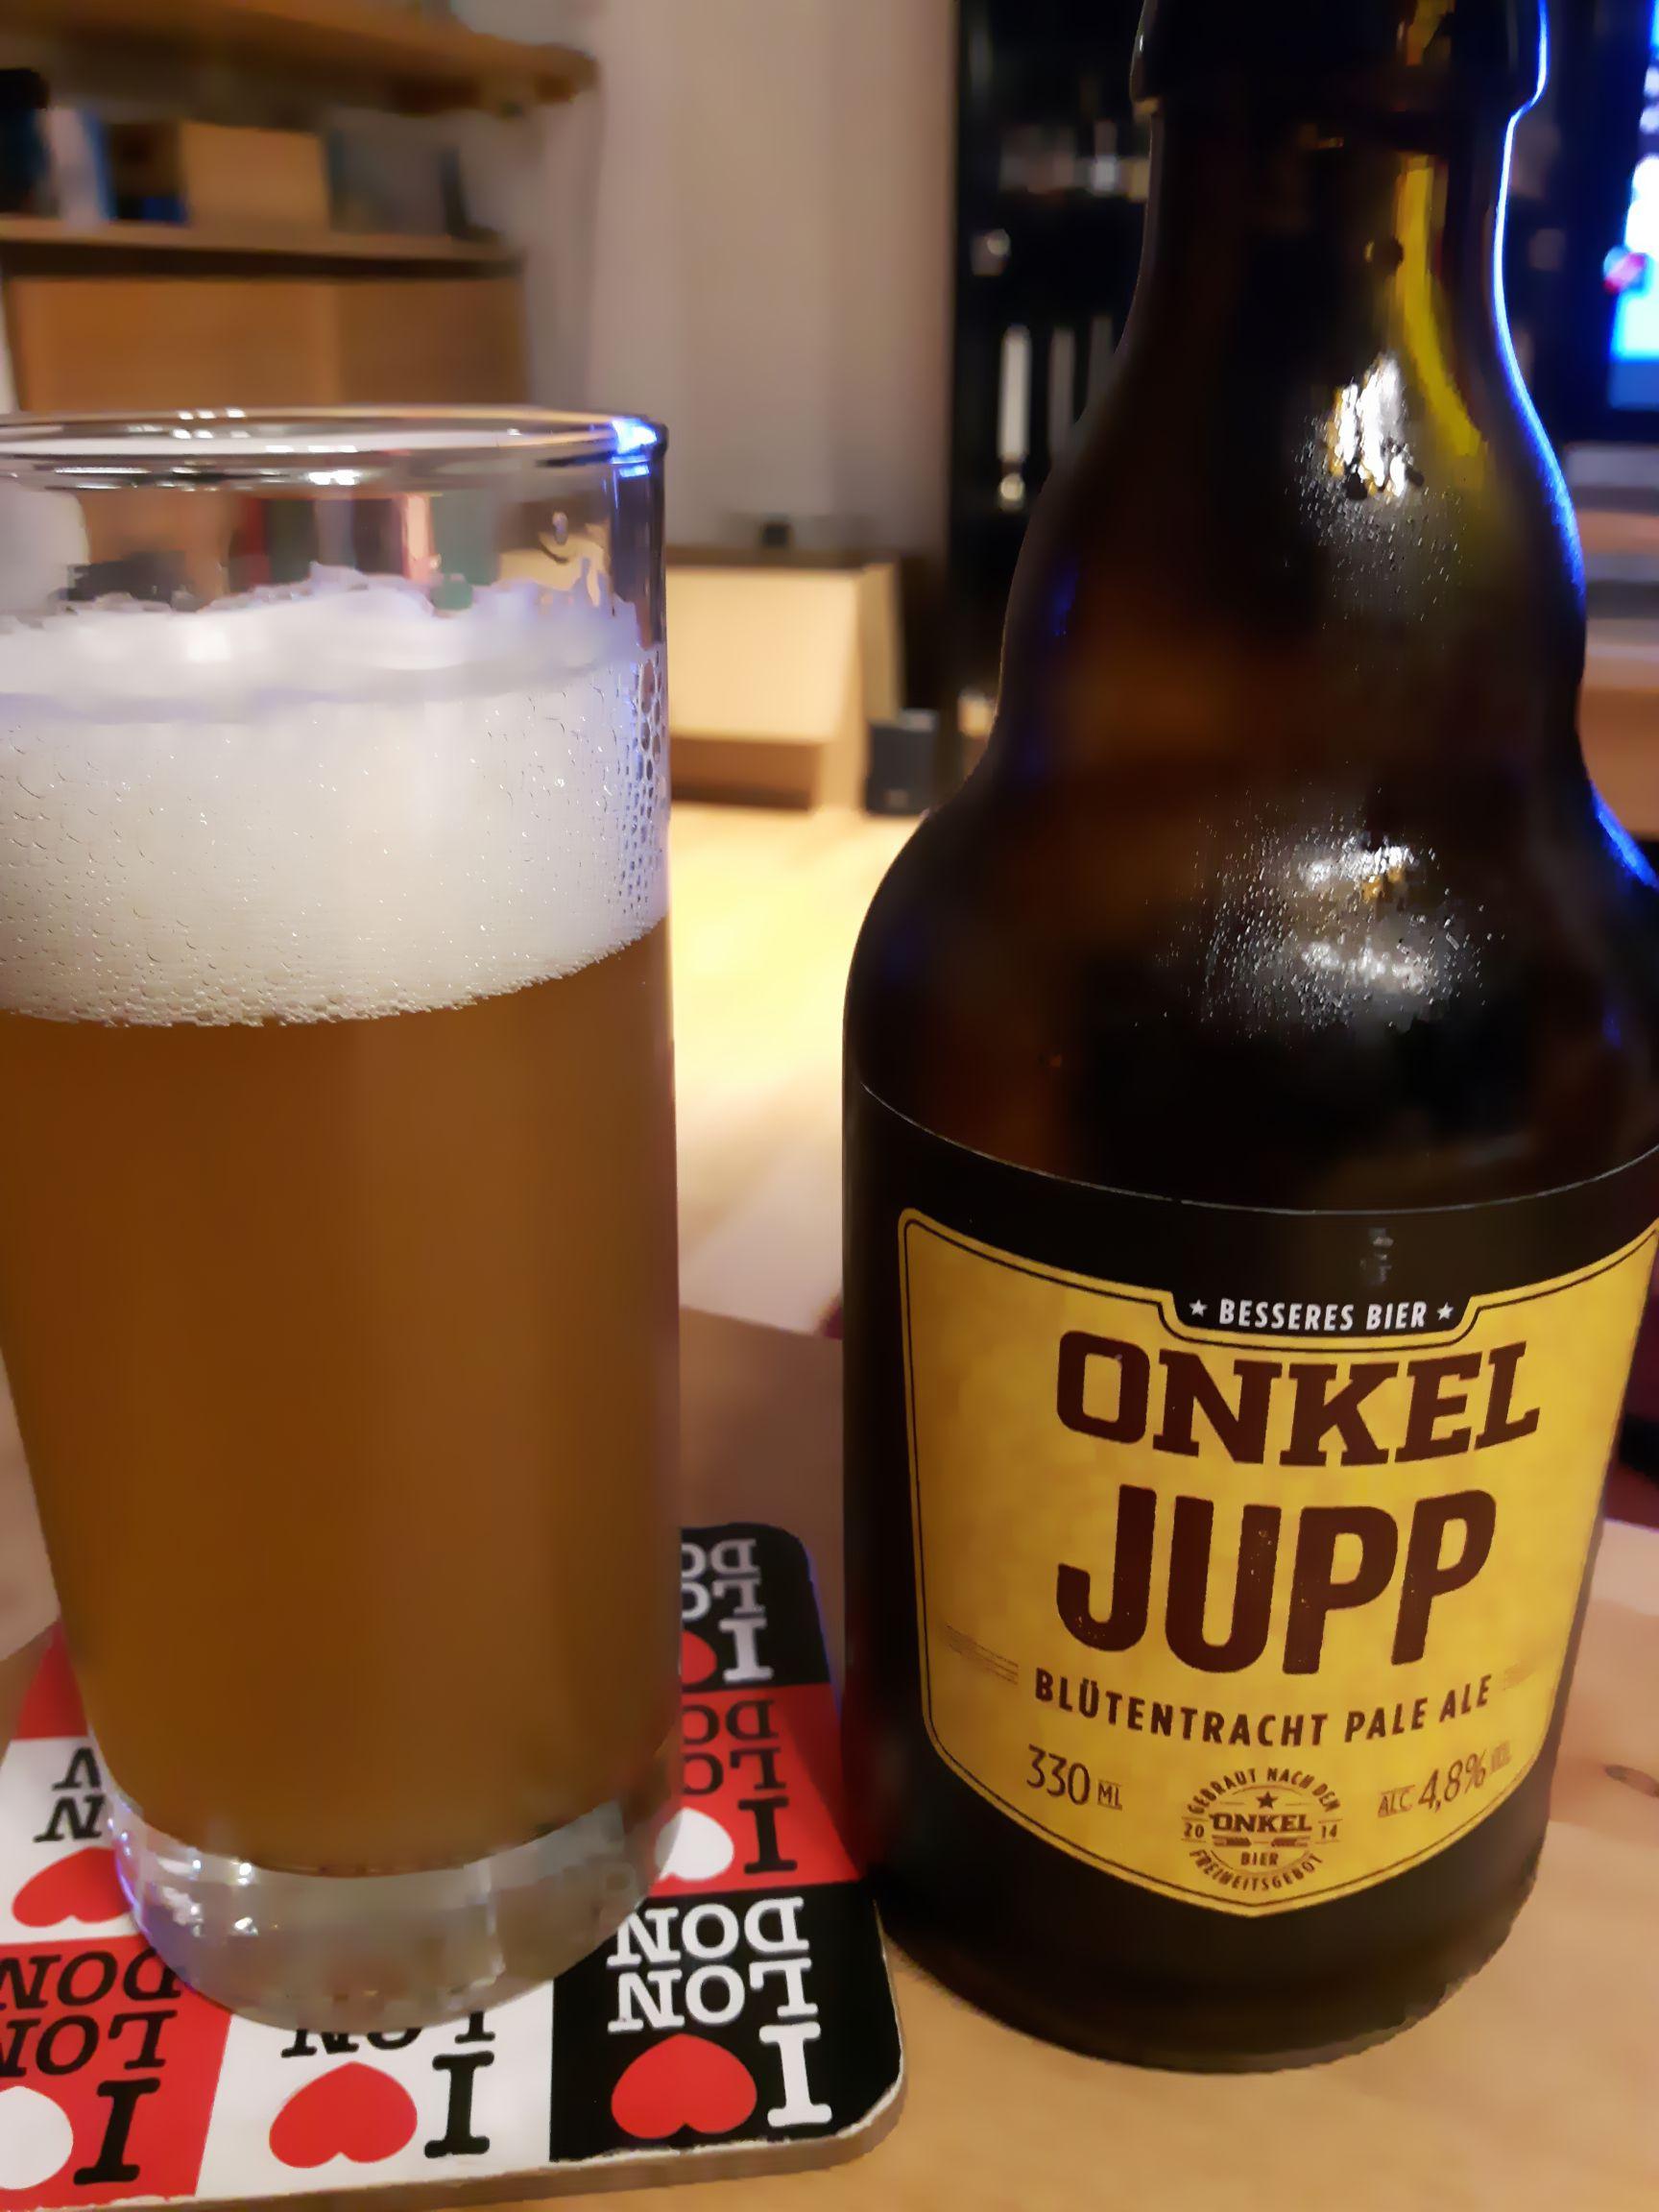 Onkel_Jupp